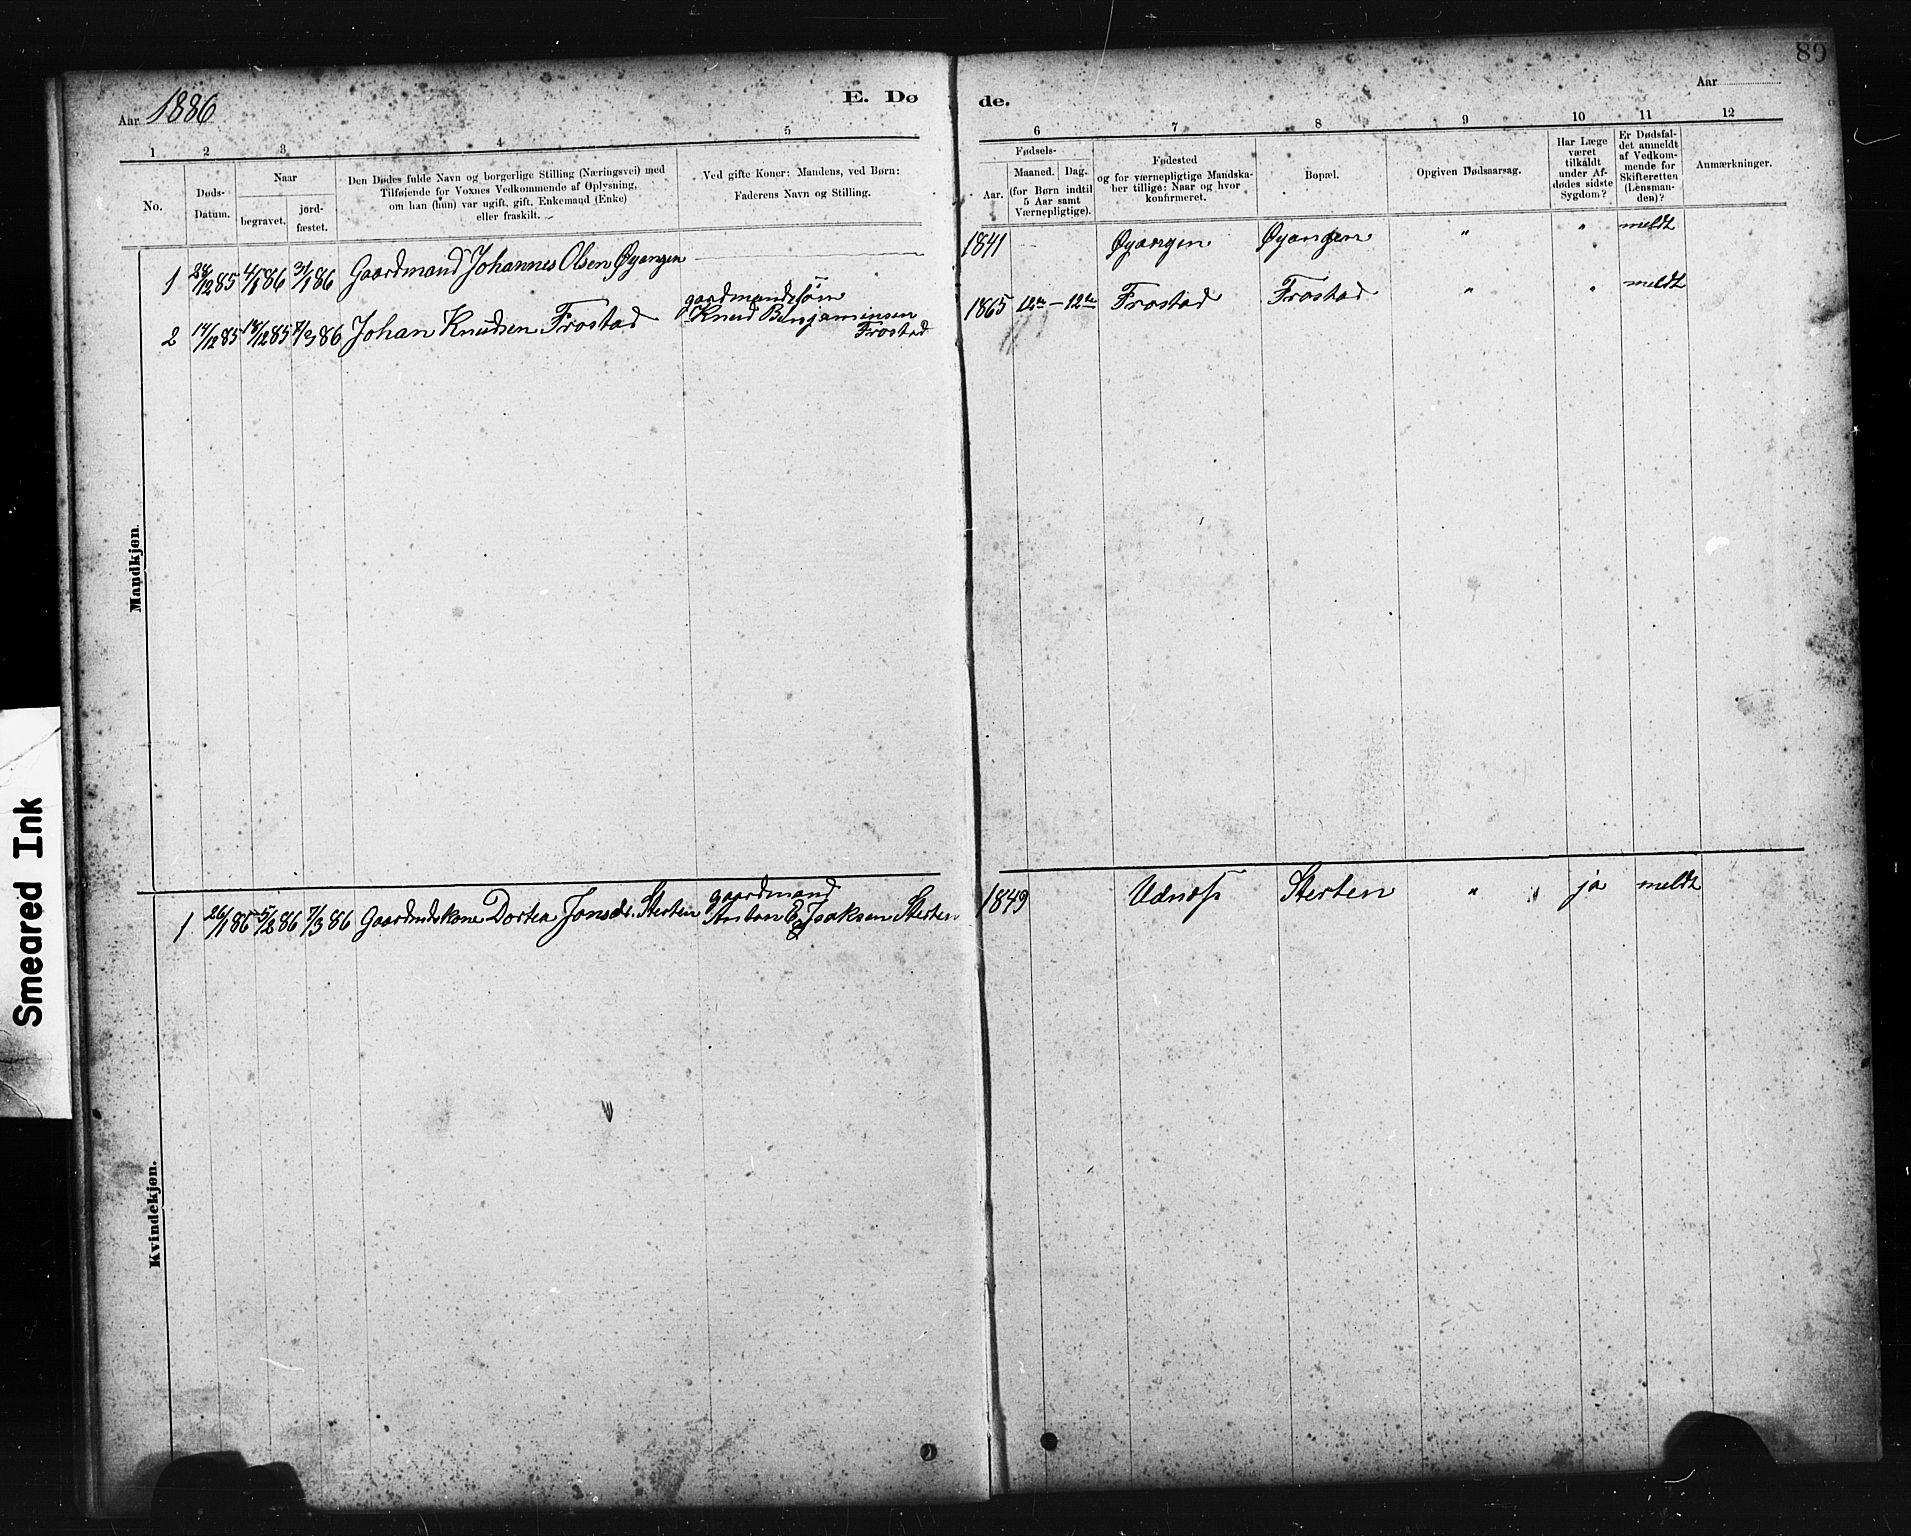 SAT, Ministerialprotokoller, klokkerbøker og fødselsregistre - Sør-Trøndelag, 663/L0761: Klokkerbok nr. 663C01, 1880-1893, s. 89